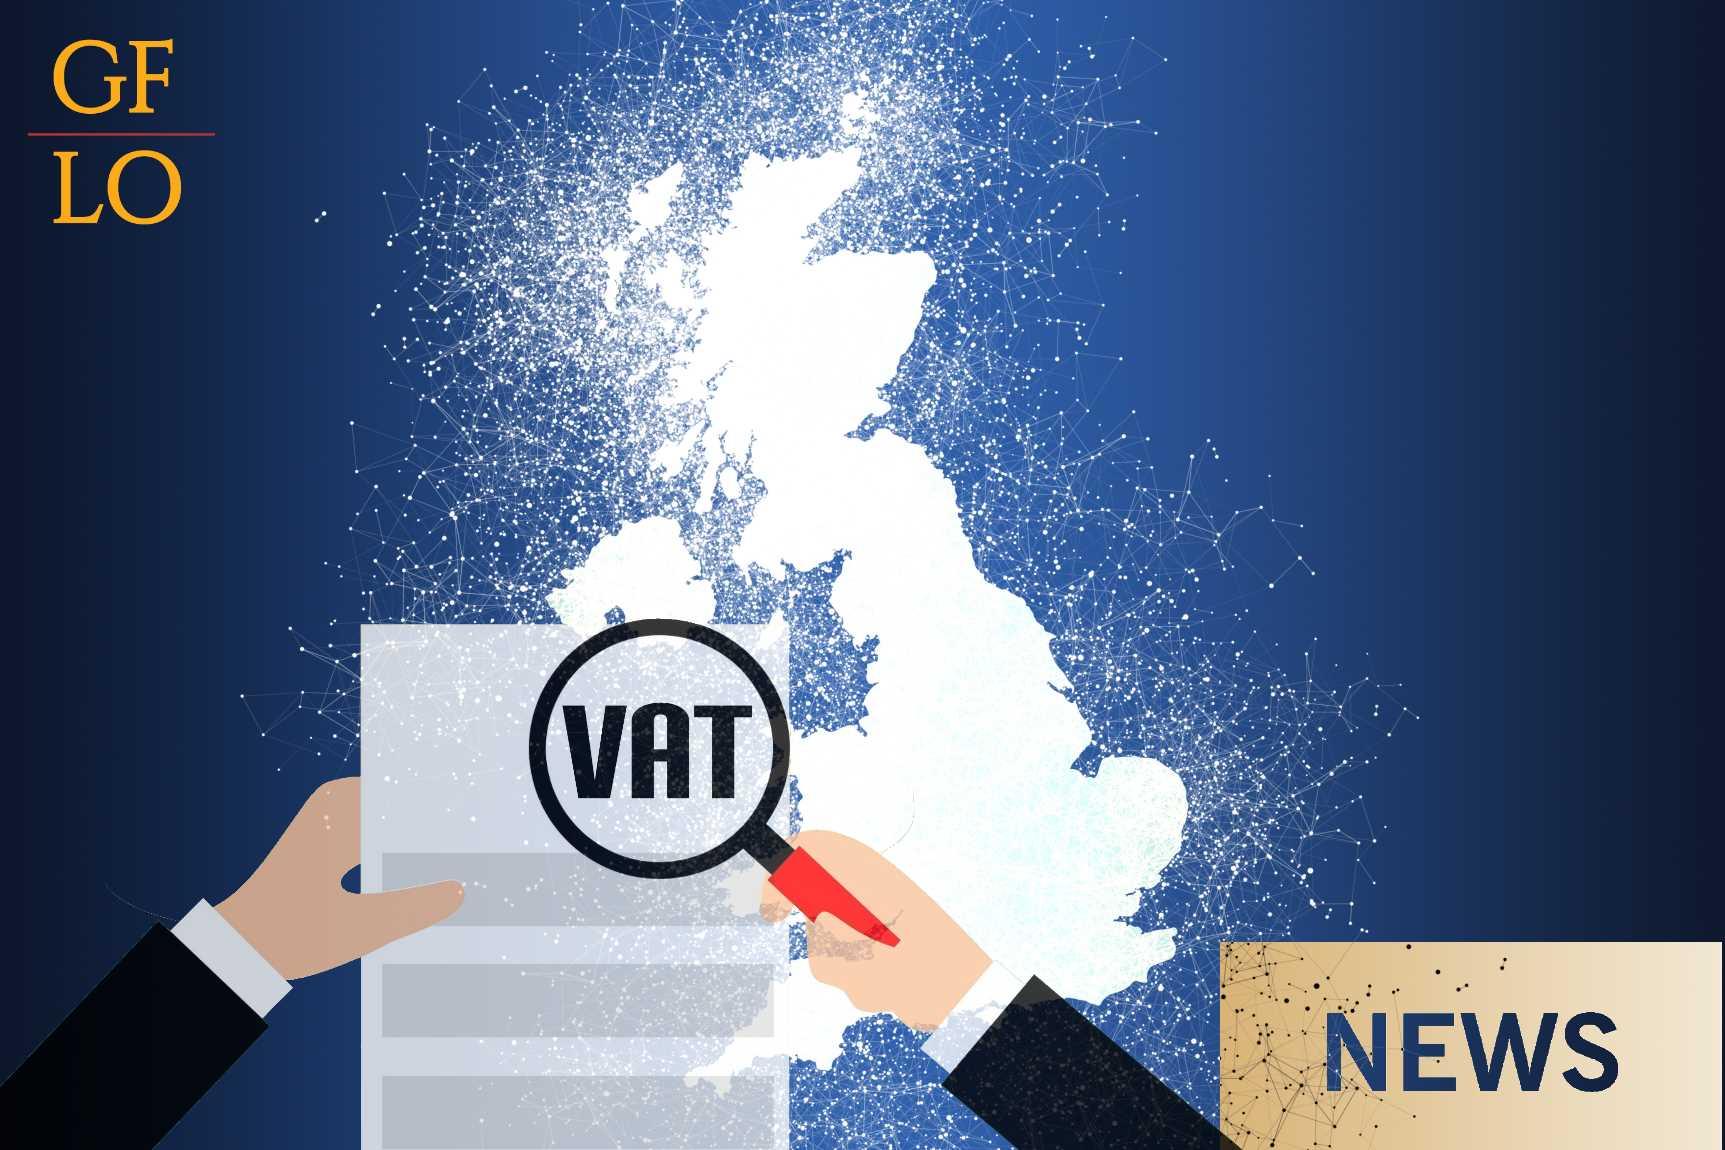 Великобритания планирует снизить ставку НДС с 20% до 17%